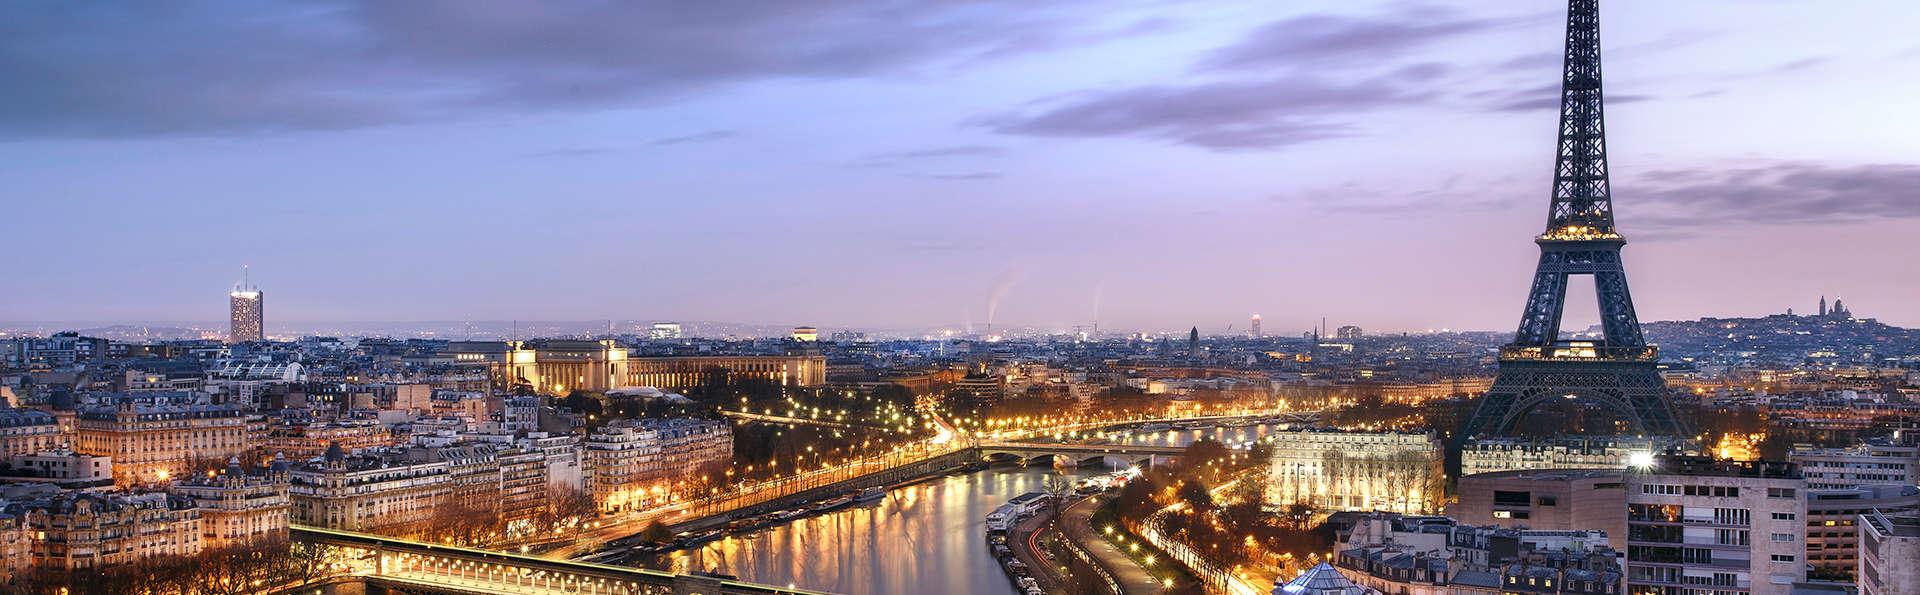 Découverte de Paris au fil de l'eau